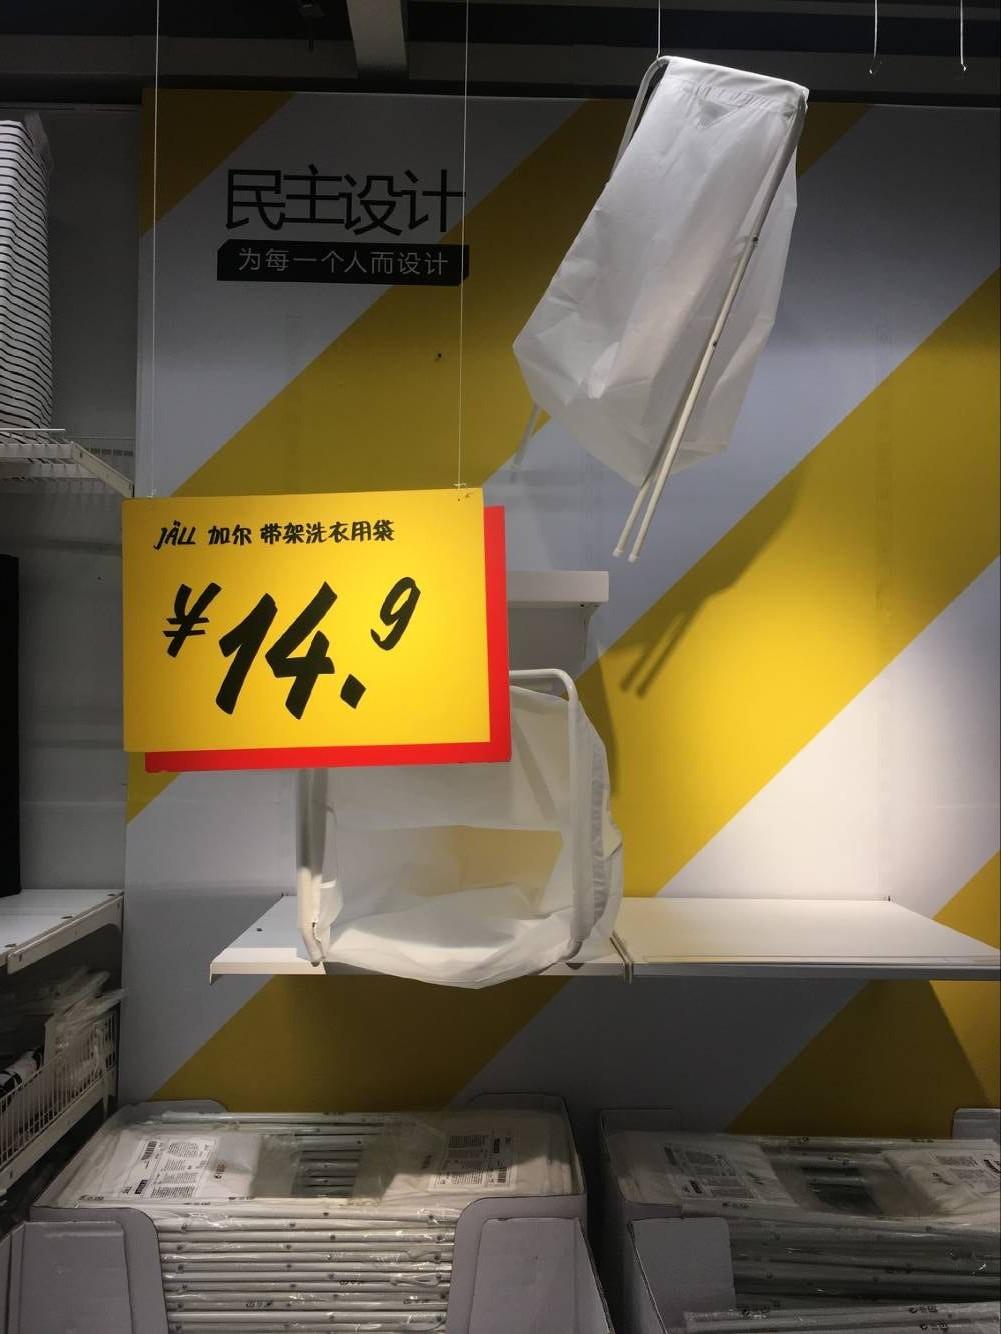 包邮国内宜家代购加尔带架可折叠收纳脏衣篓脏衣袋篮护洗袋洗衣袋